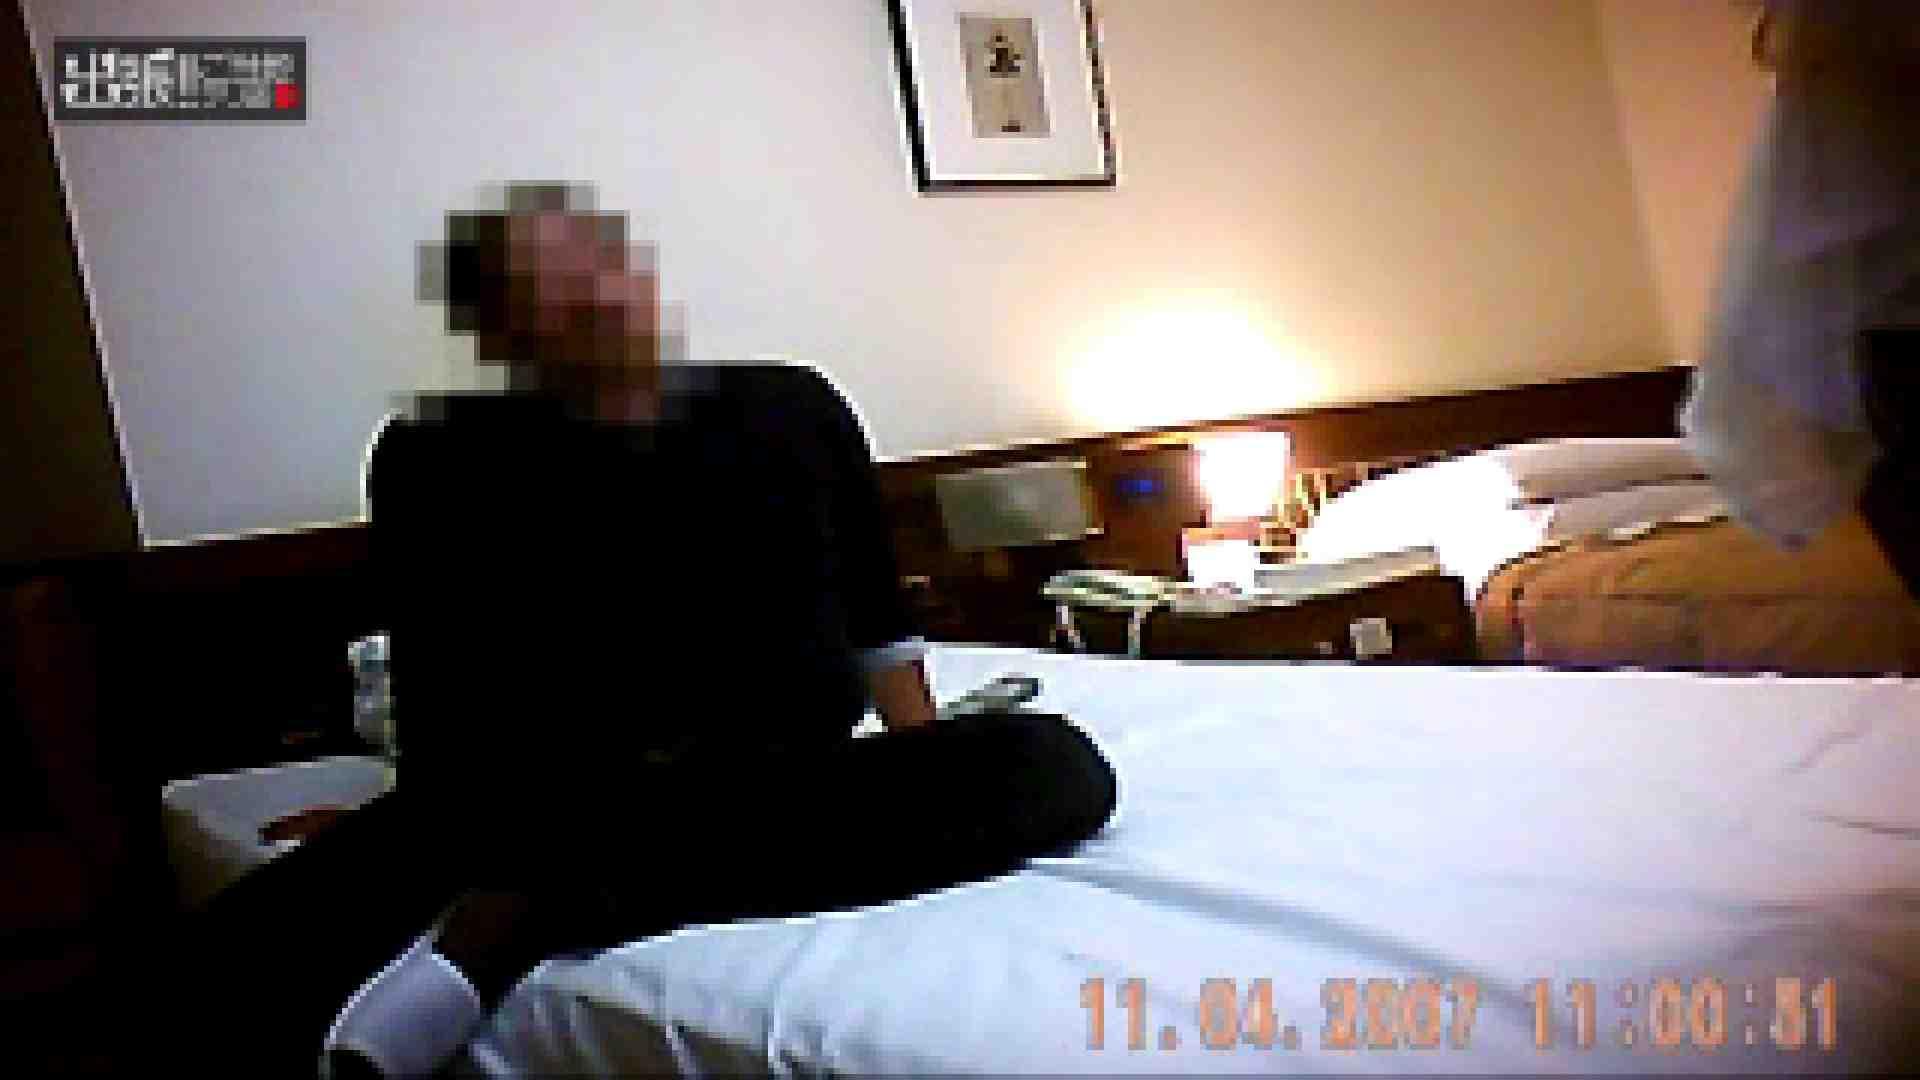 出張リーマンのデリ嬢隠し撮り第2弾vol.2 投稿 セックス画像 79pic 29